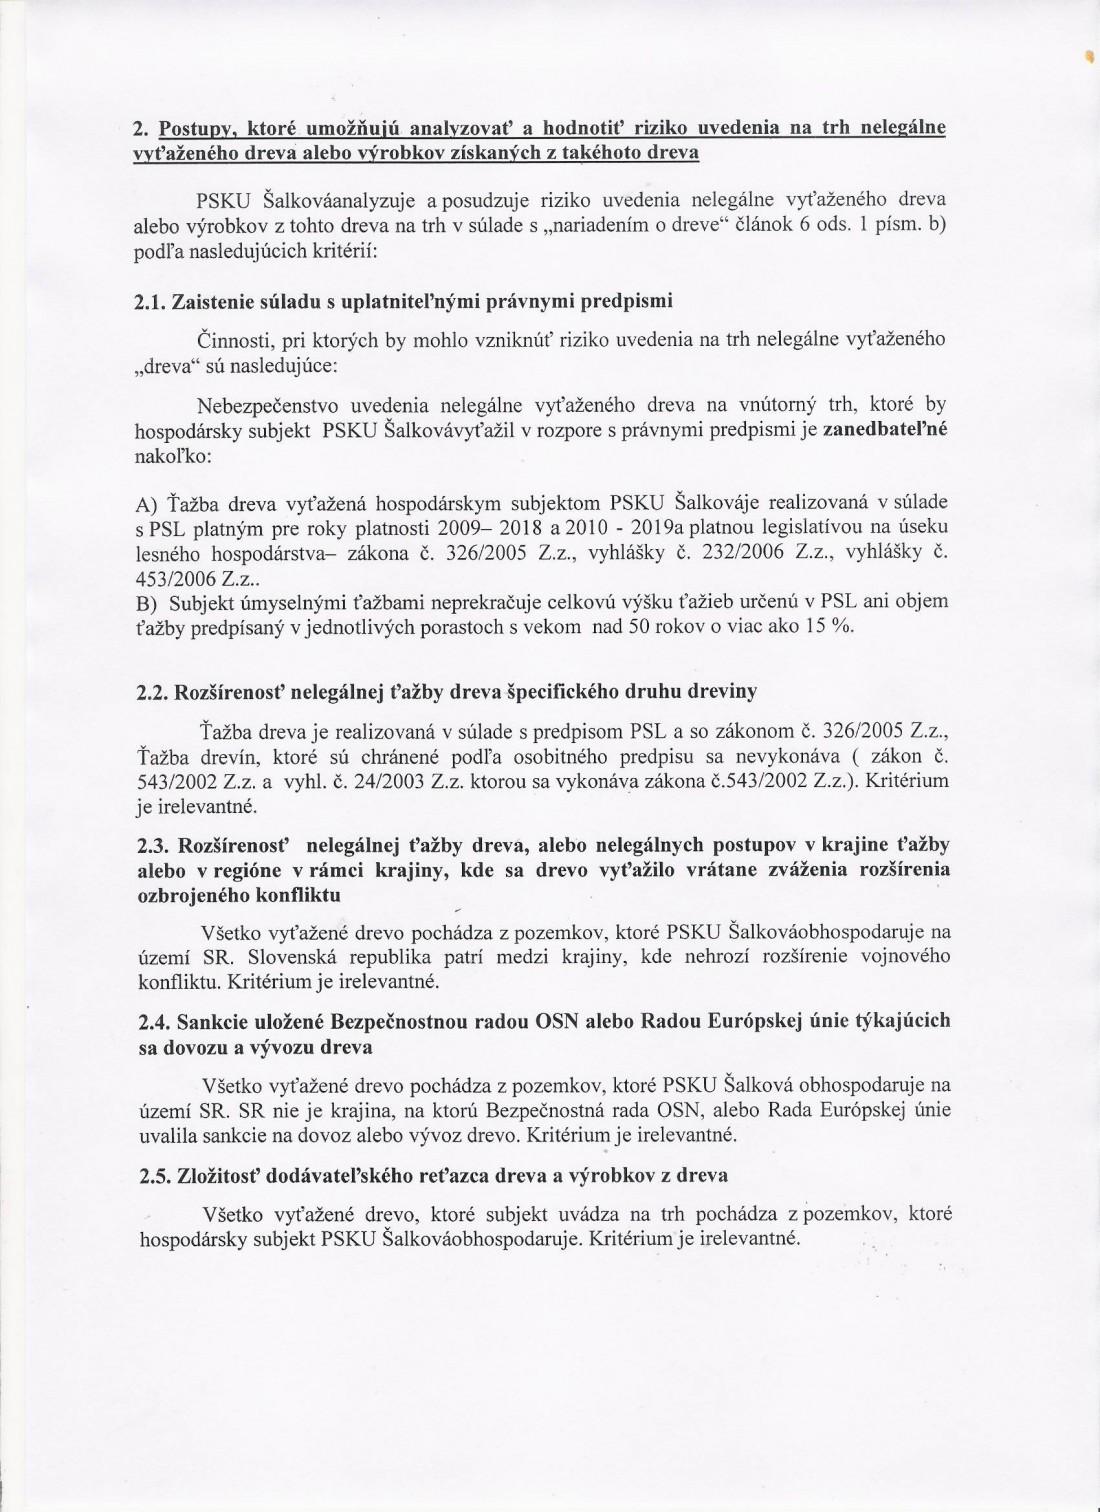 Systém náležitej starostlivosti o les - strana č. 3